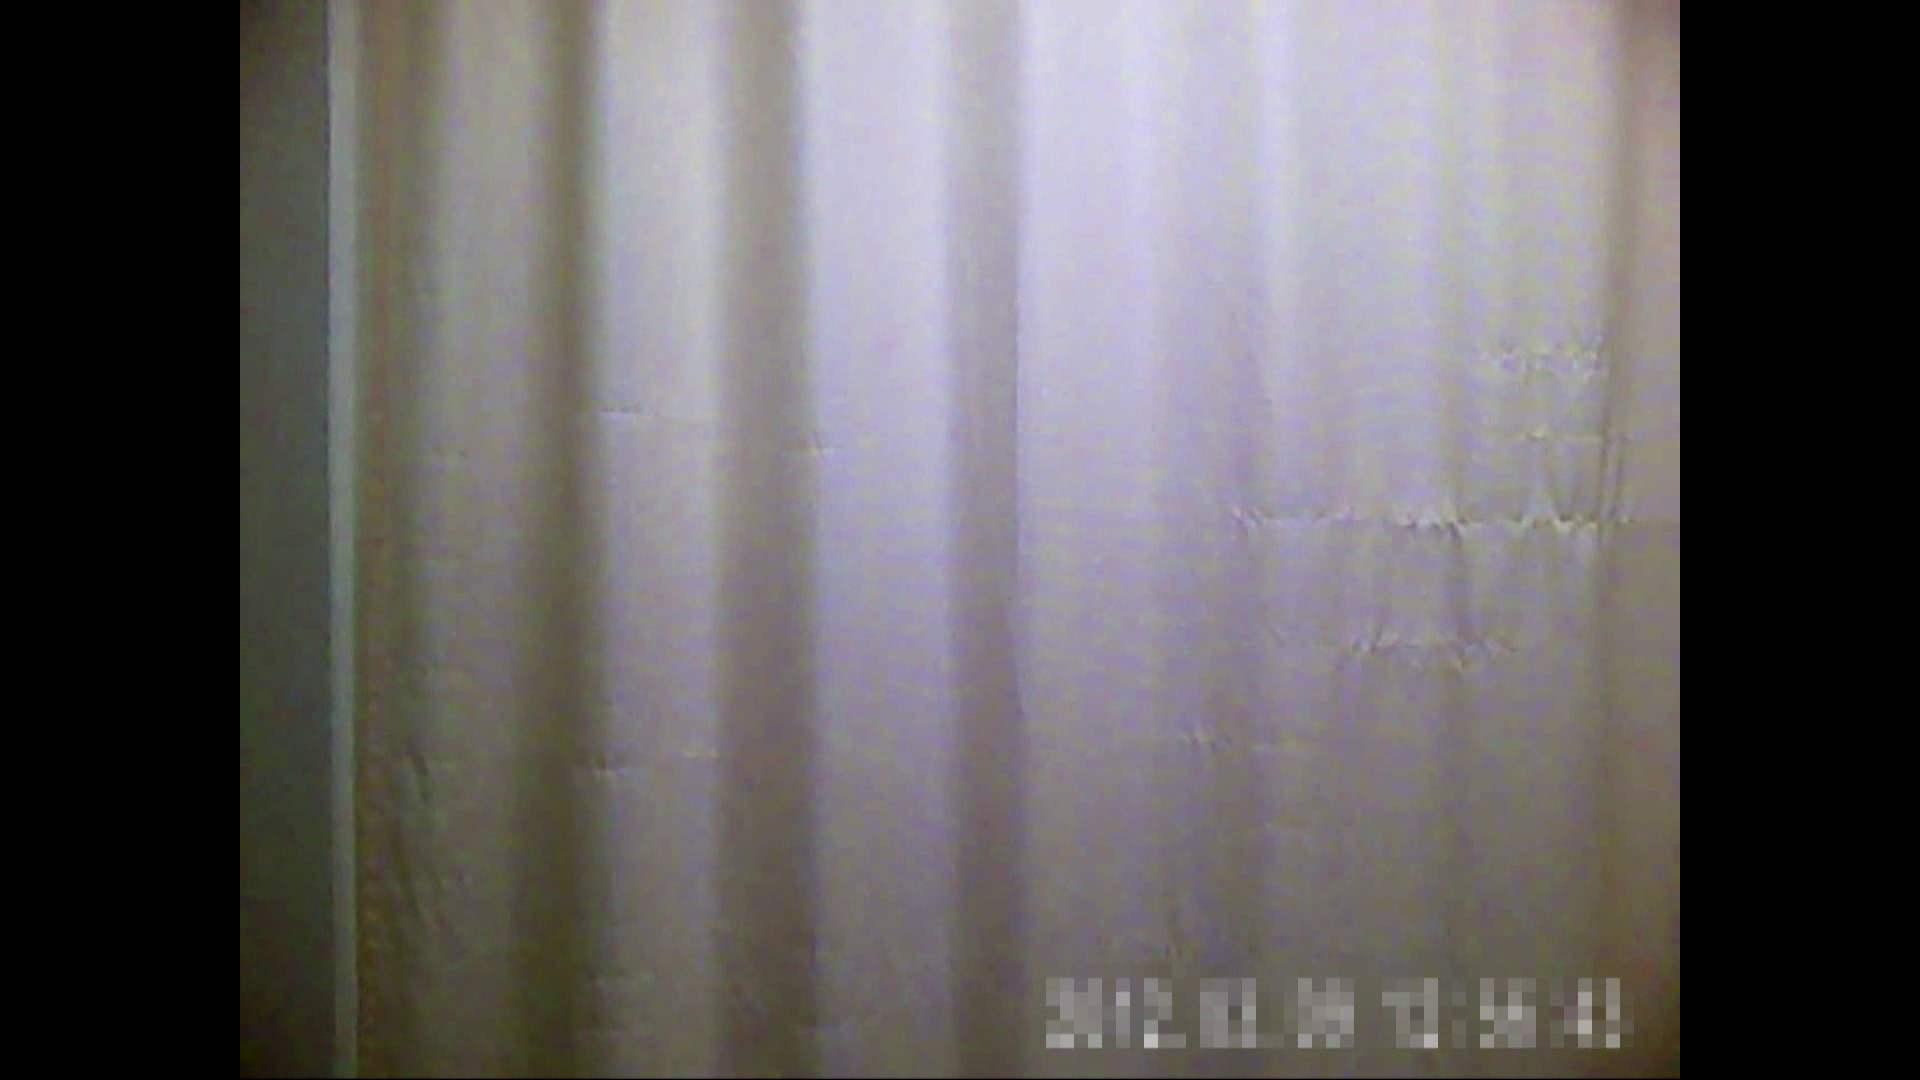 病院おもいっきり着替え! vol.265 エロティックなOL セックス無修正動画無料 75画像 74